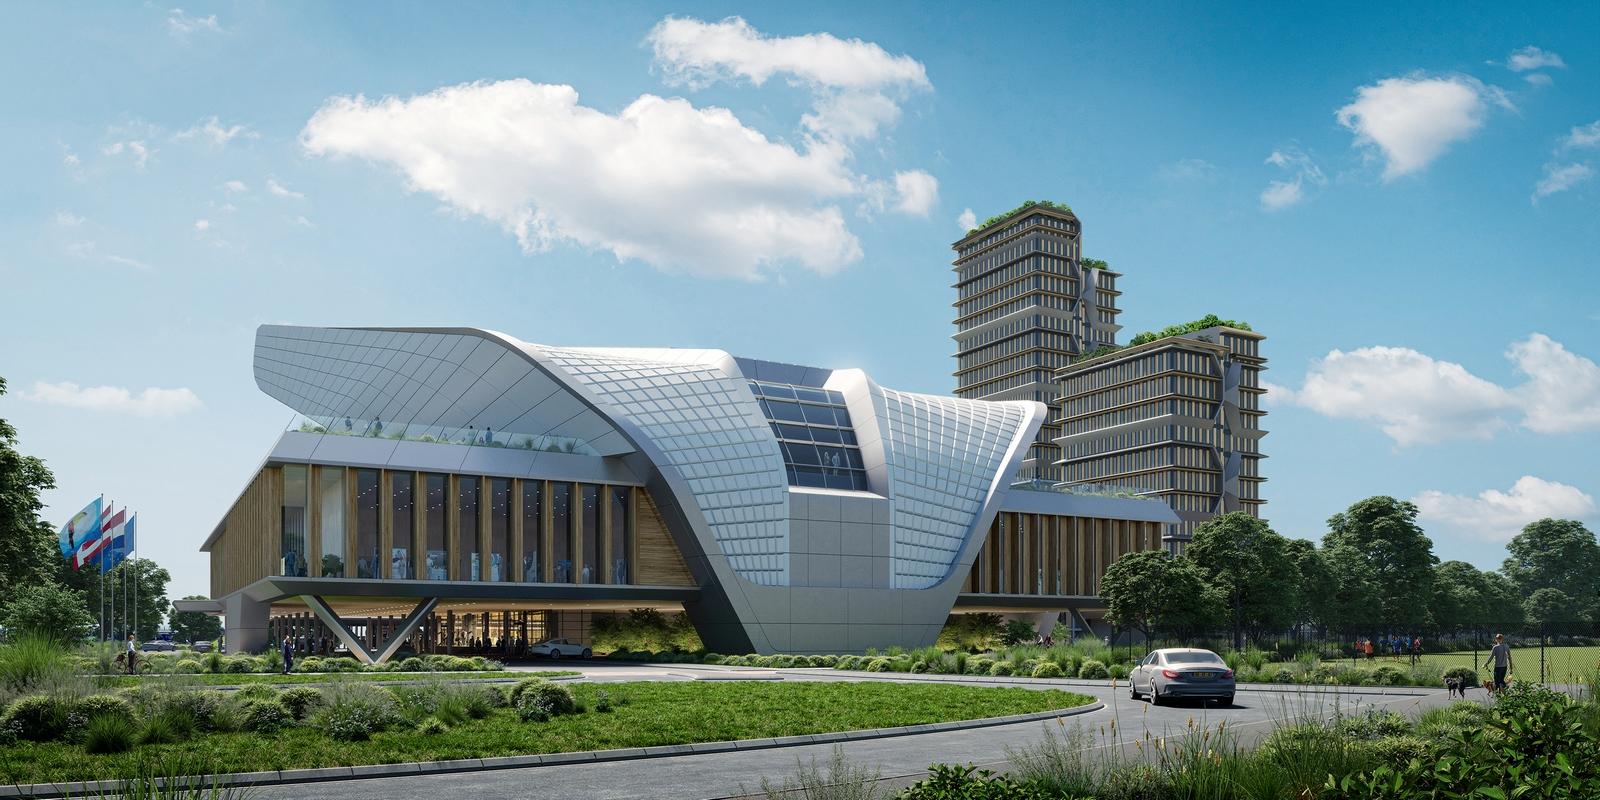 UNStudio en el consorcio ganador para el diseño, construcción, financiación y funcionamiento de un centro de conferencias y congresos emblemático en los Países Bajos 12